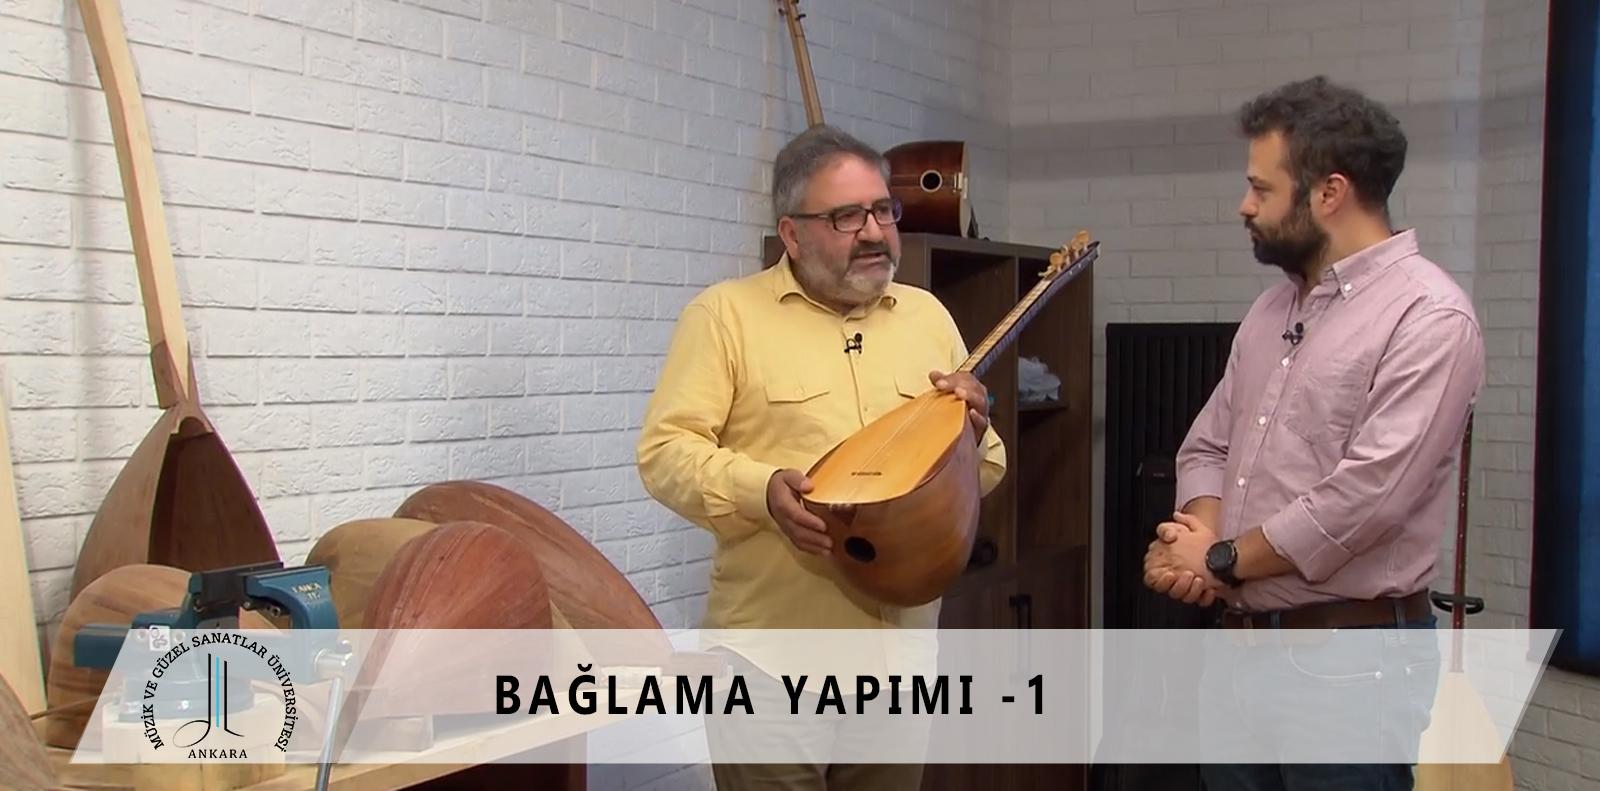 EBA TV BAĞLAMA YAPIMI BÖLÜM -1